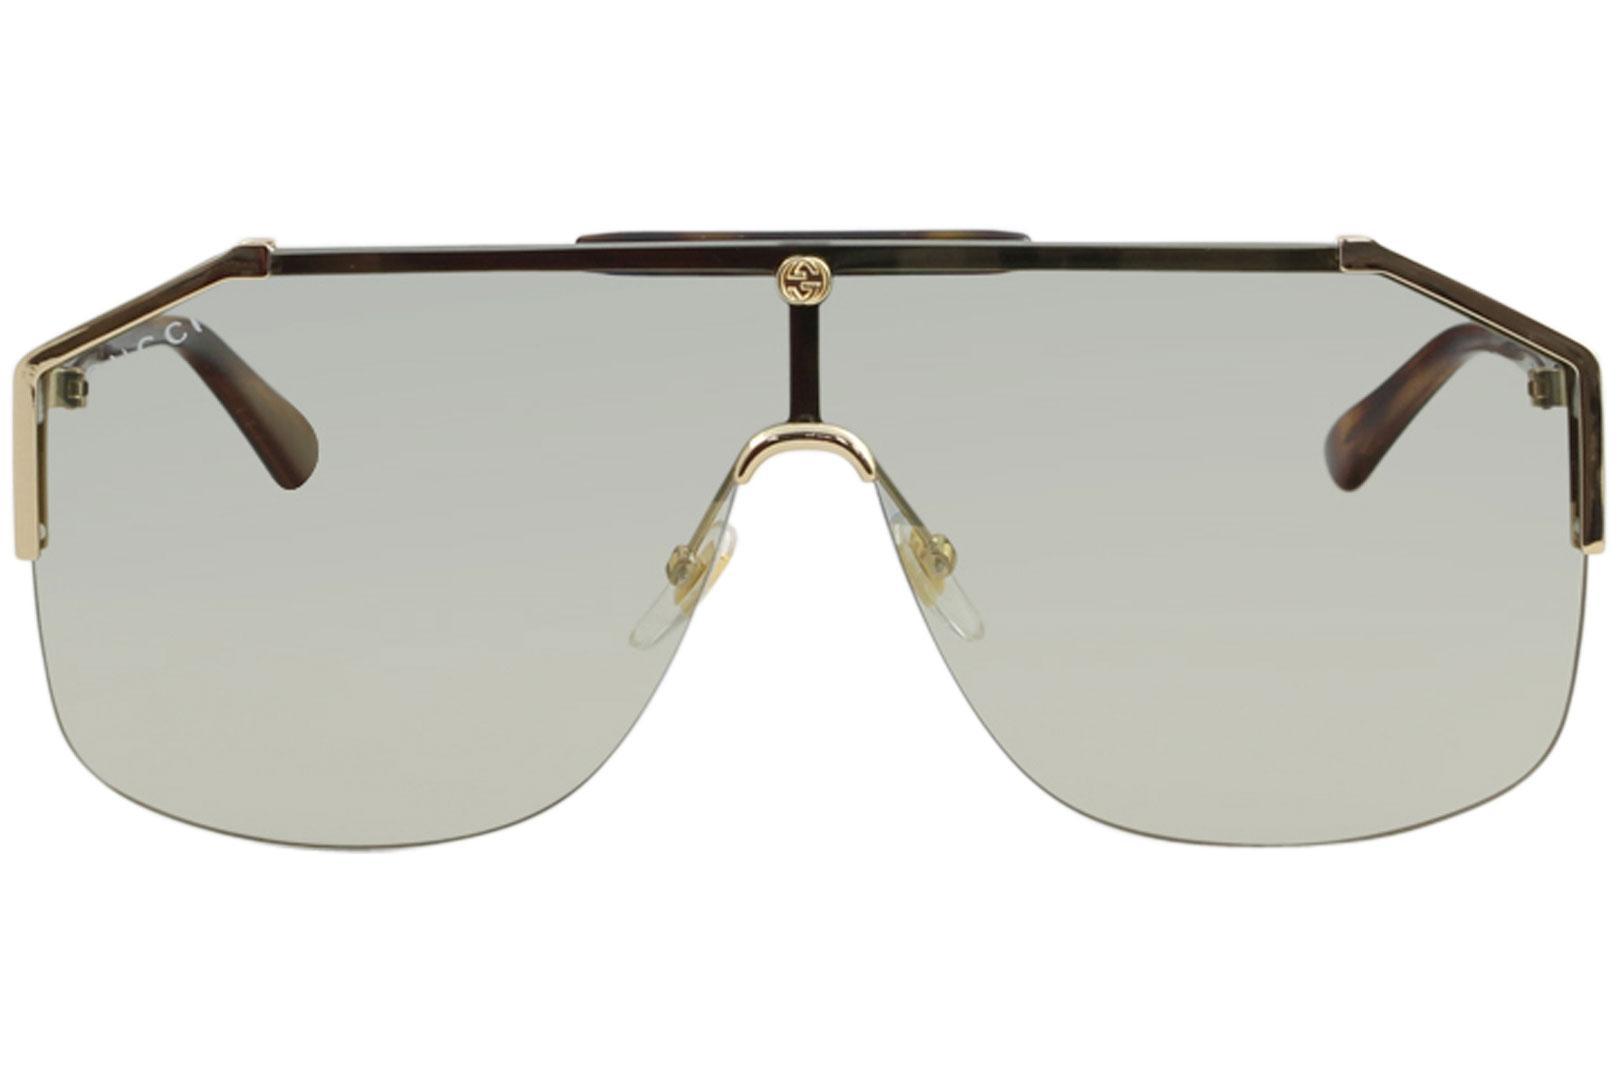 dd328971b172a Gucci Men s GG0291S GG 0291 S Fashion Shield Sunglasses